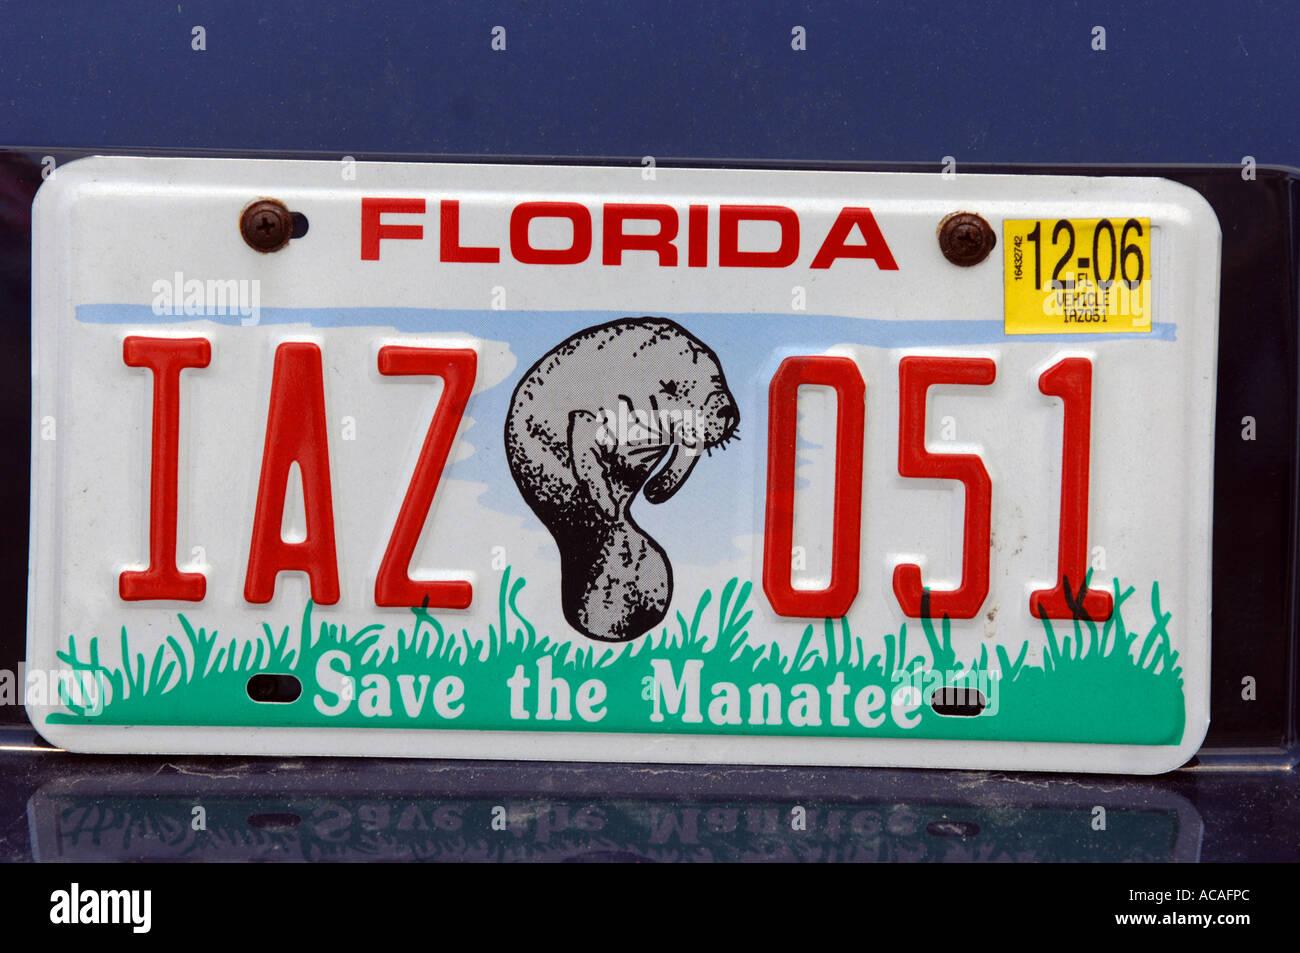 Florida Car Number Plate Usa Stockfotos & Florida Car Number Plate ...